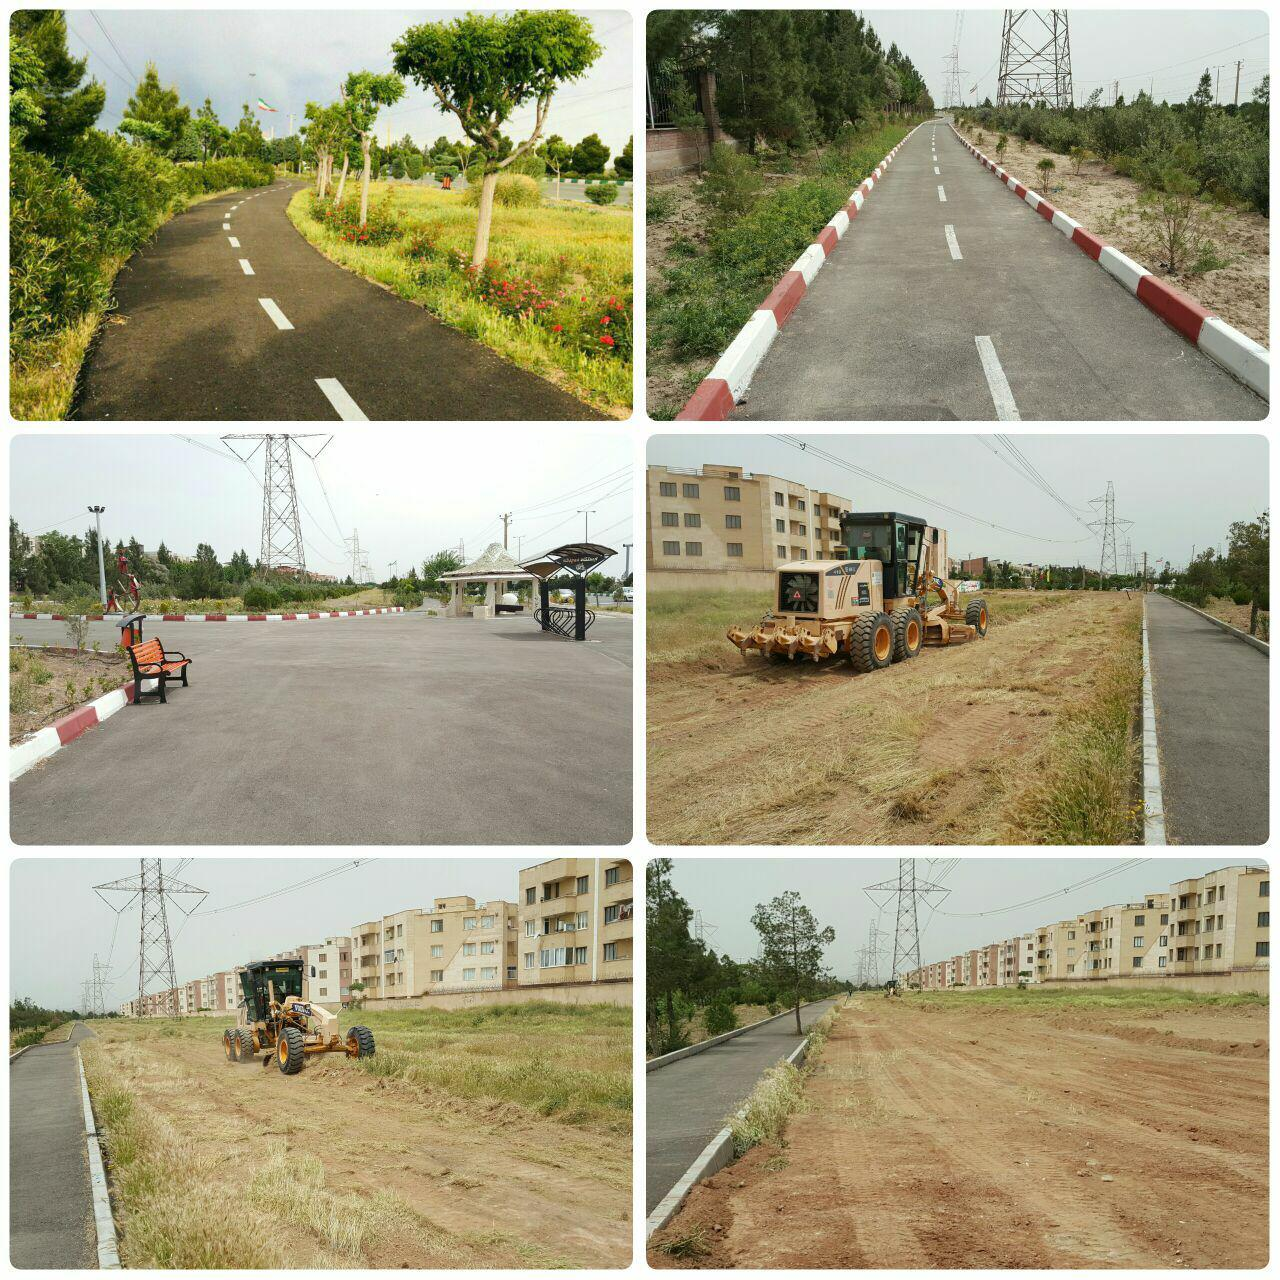 آغاز یک پروژه جدید دیگر در شهر پرند / احداث فاز دوم پیست دوچرخه سواری در پرند کلید خورد